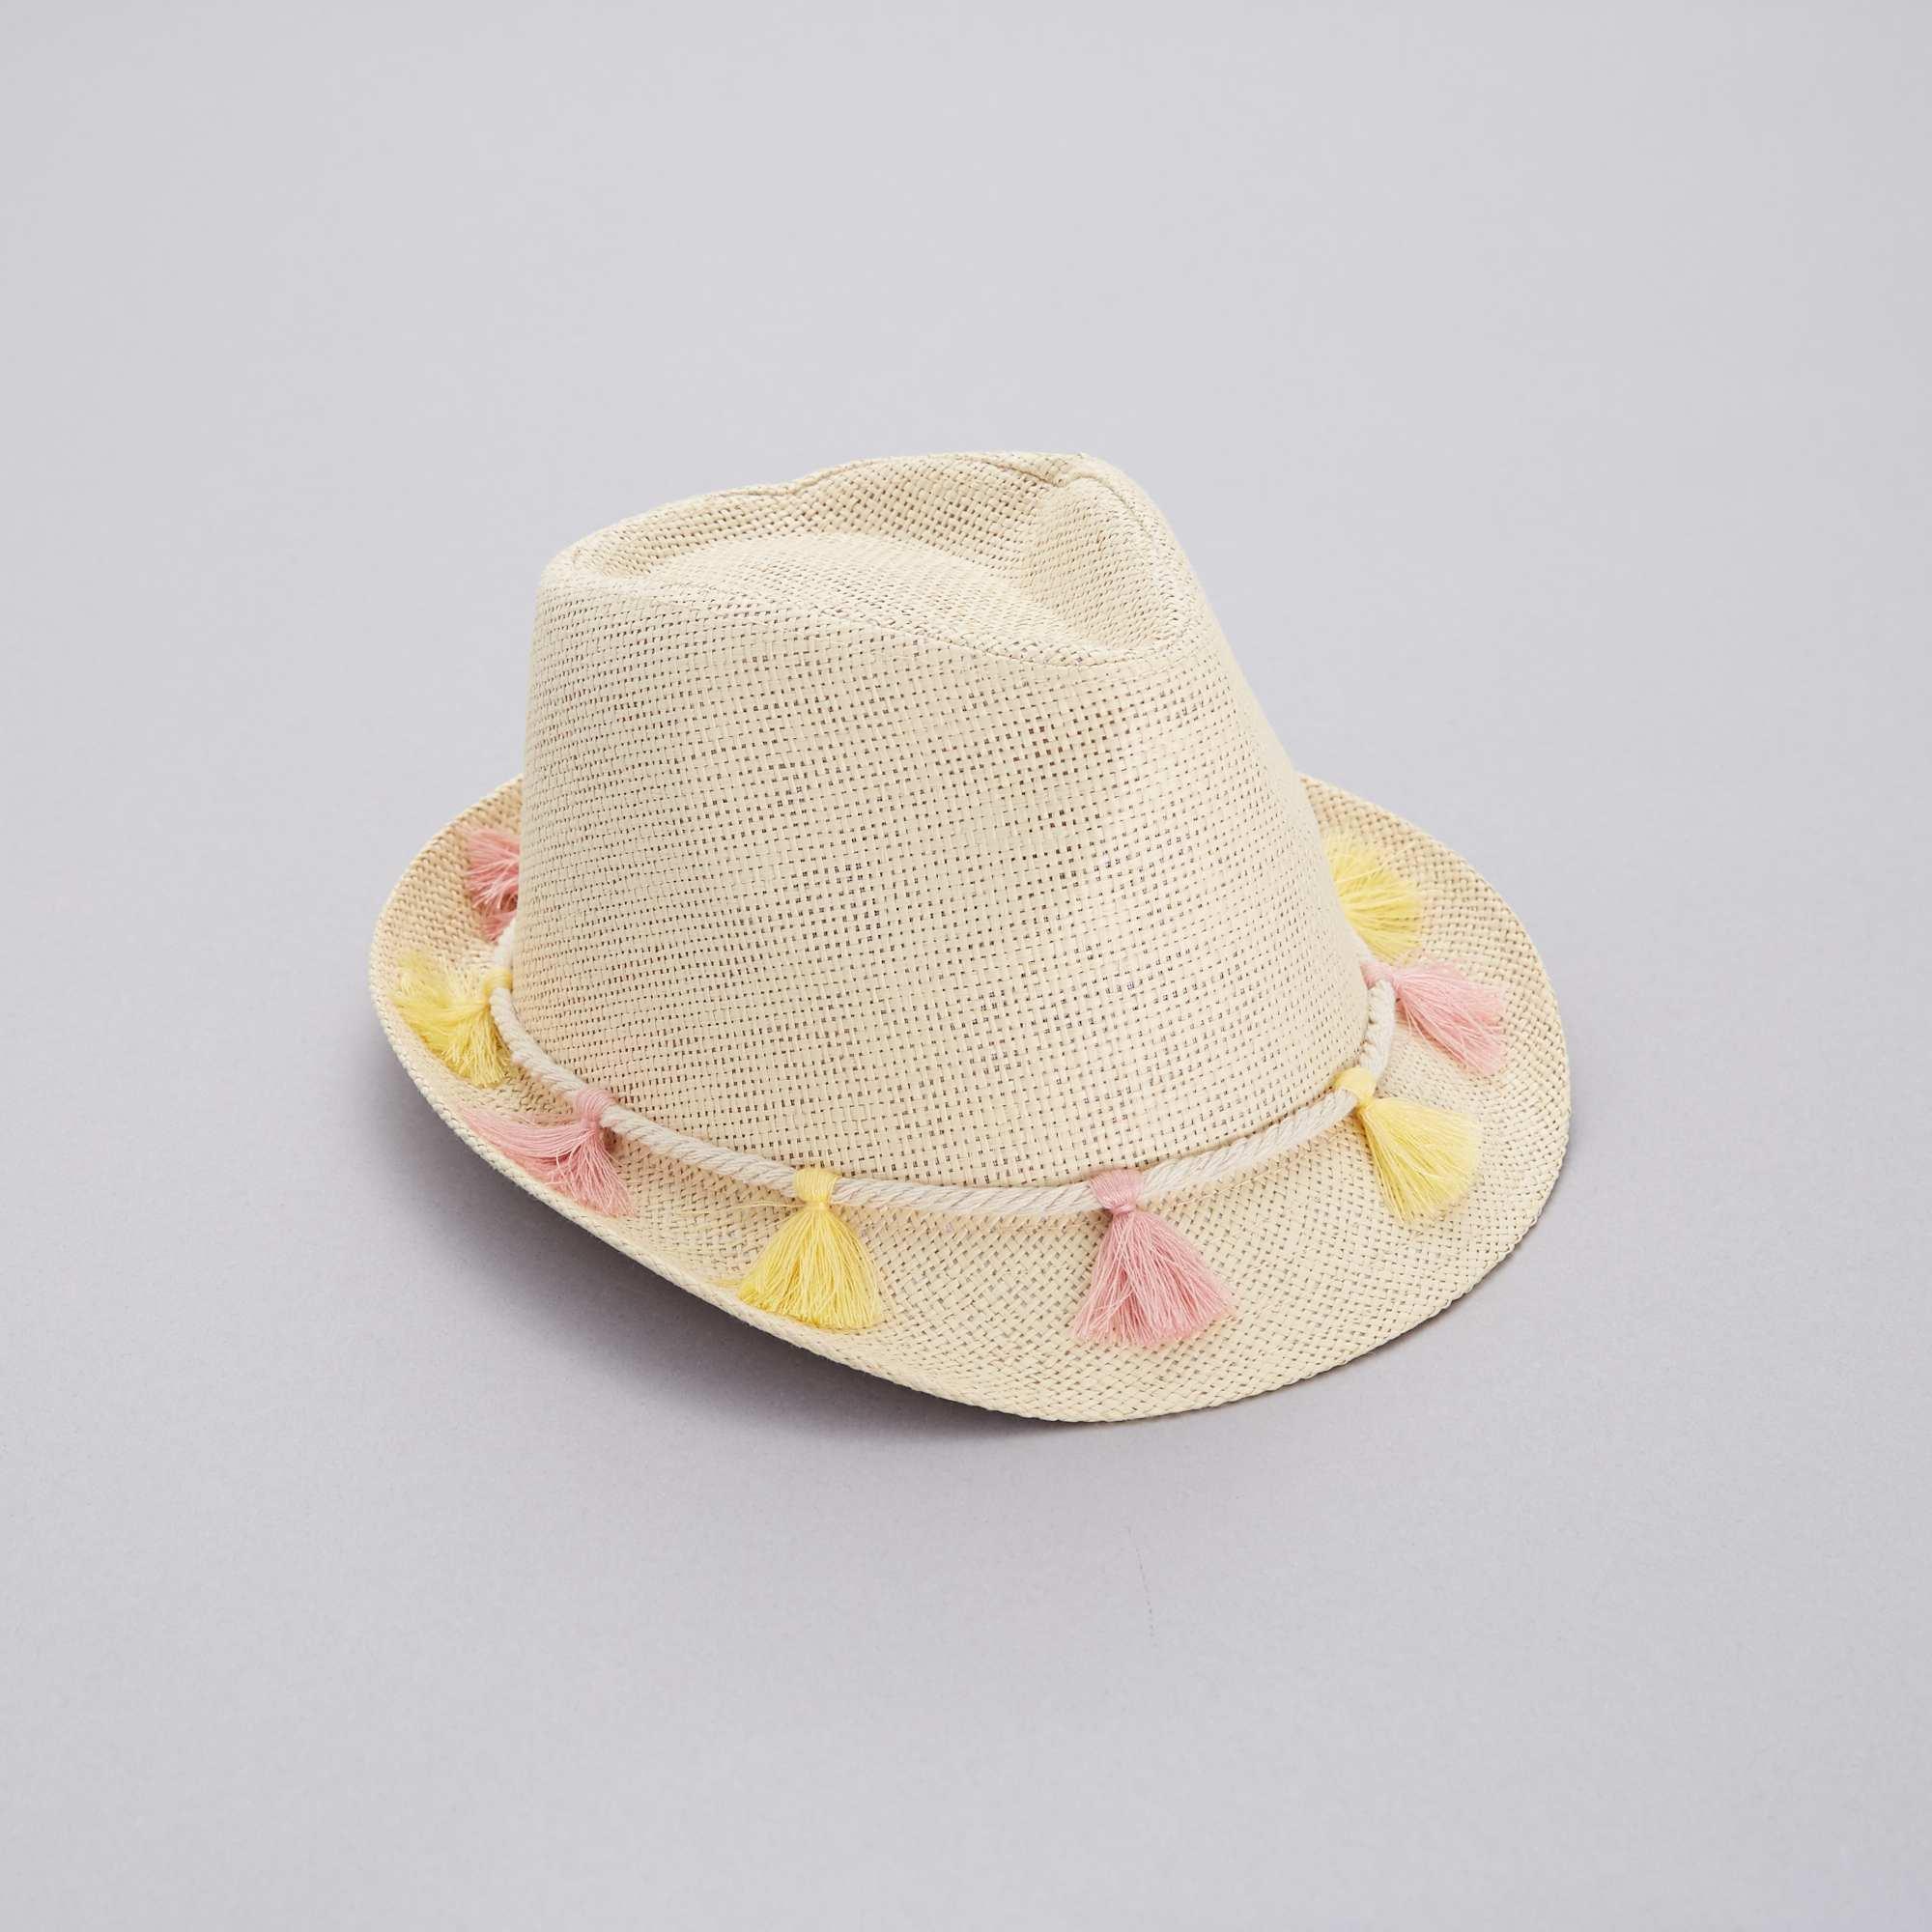 fb8fc686c9852 Sombrero borsalino con borlas Chica - rosa - Kiabi - 7